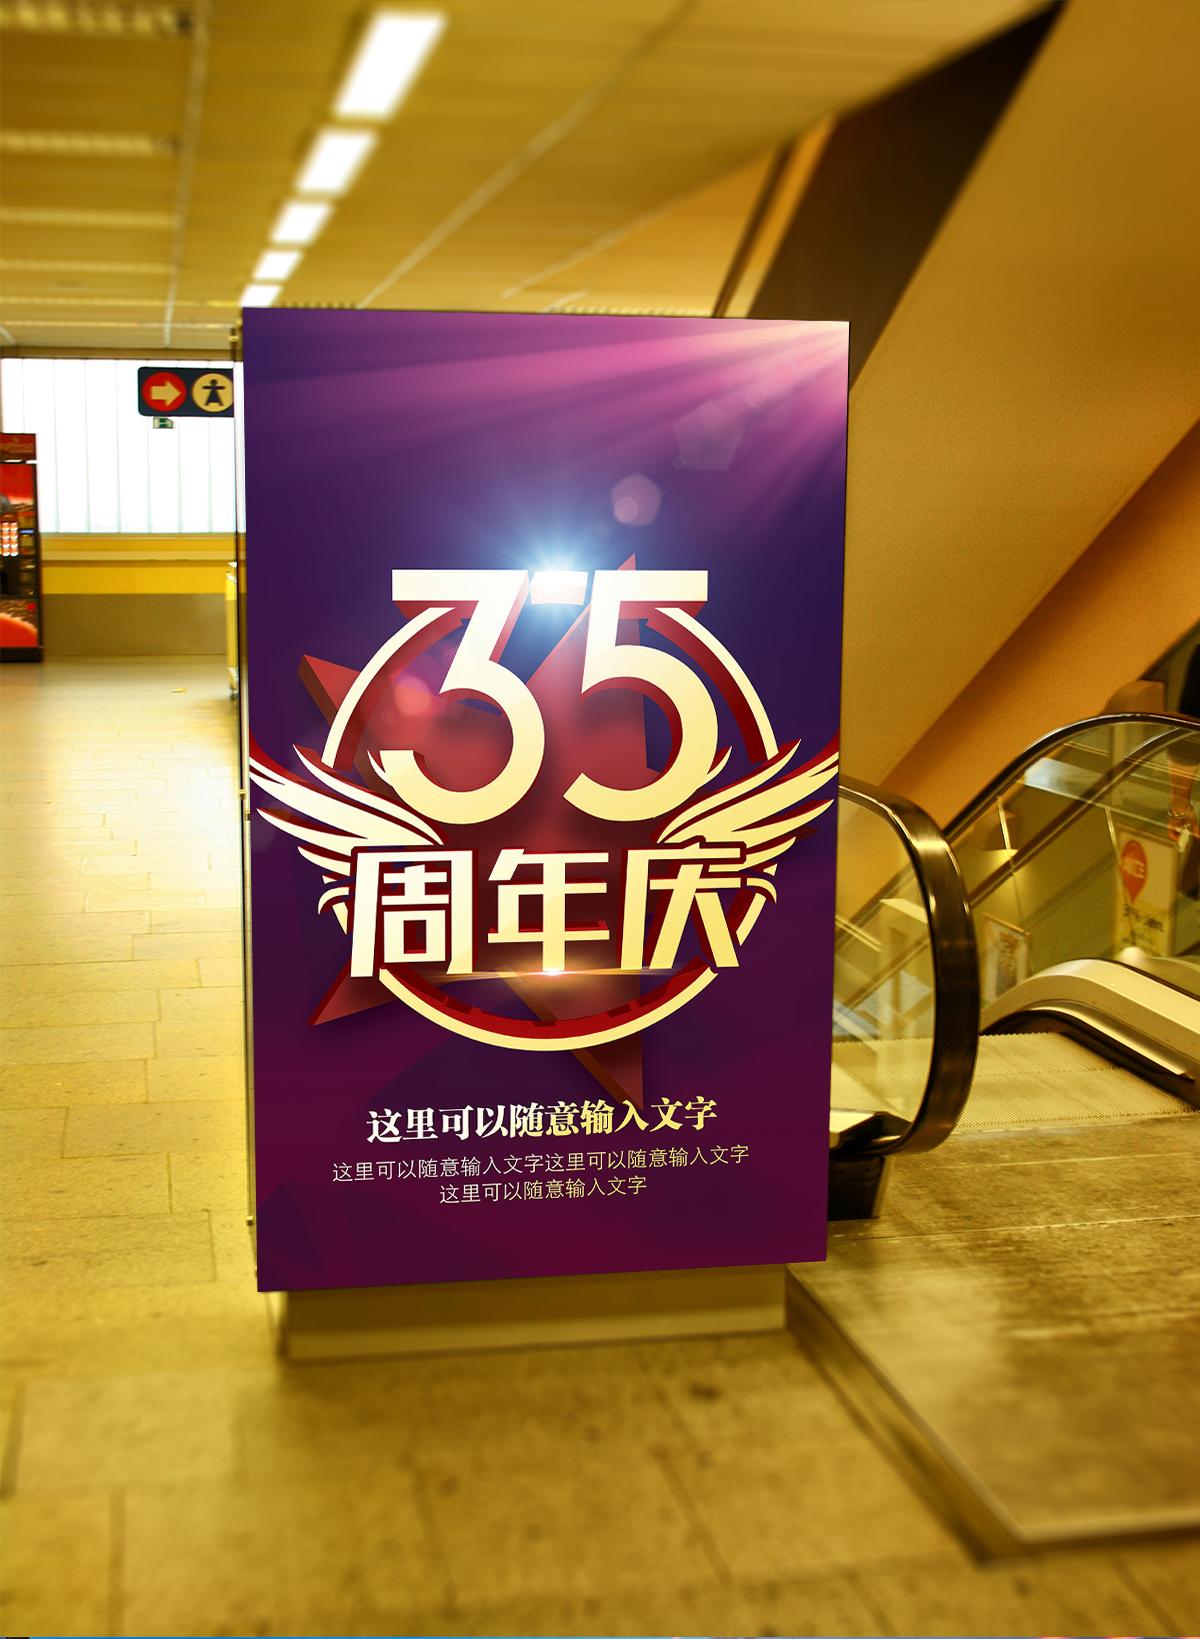 35周年店庆 PSD模板源文件下载